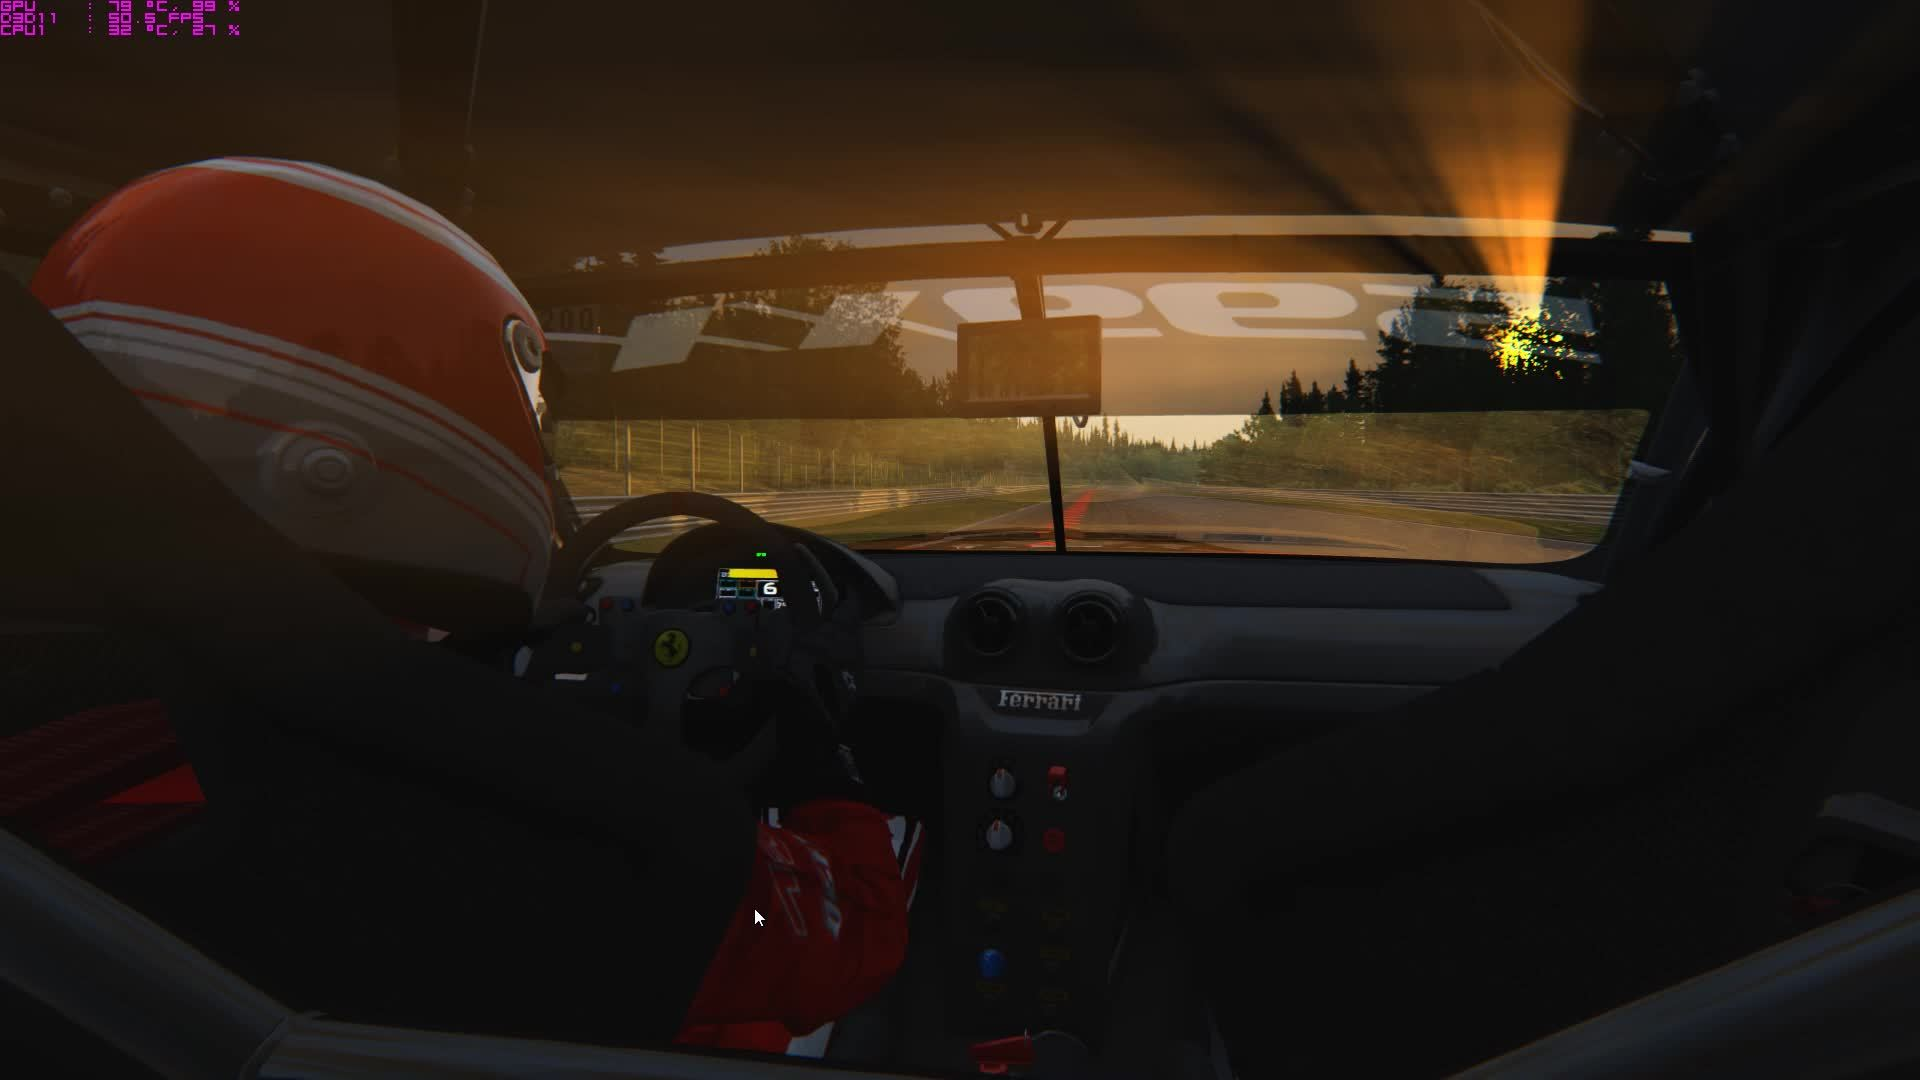 60fpsgaminggifs, Assetto Corsa - Ferrari 599XX Evo (reddit) GIFs